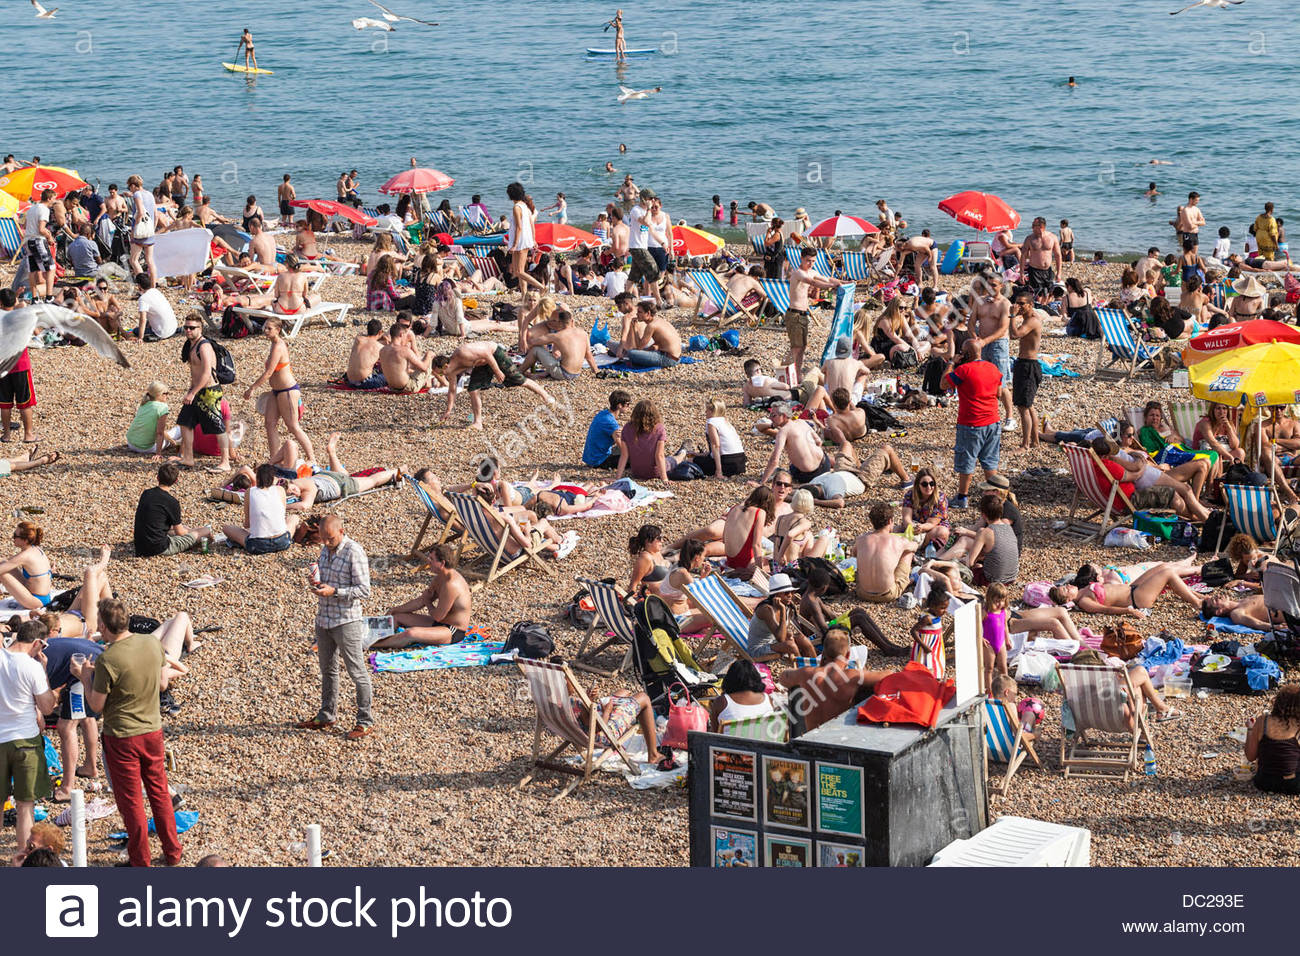 Busy beach, Brighton, England, UK - Stock Image